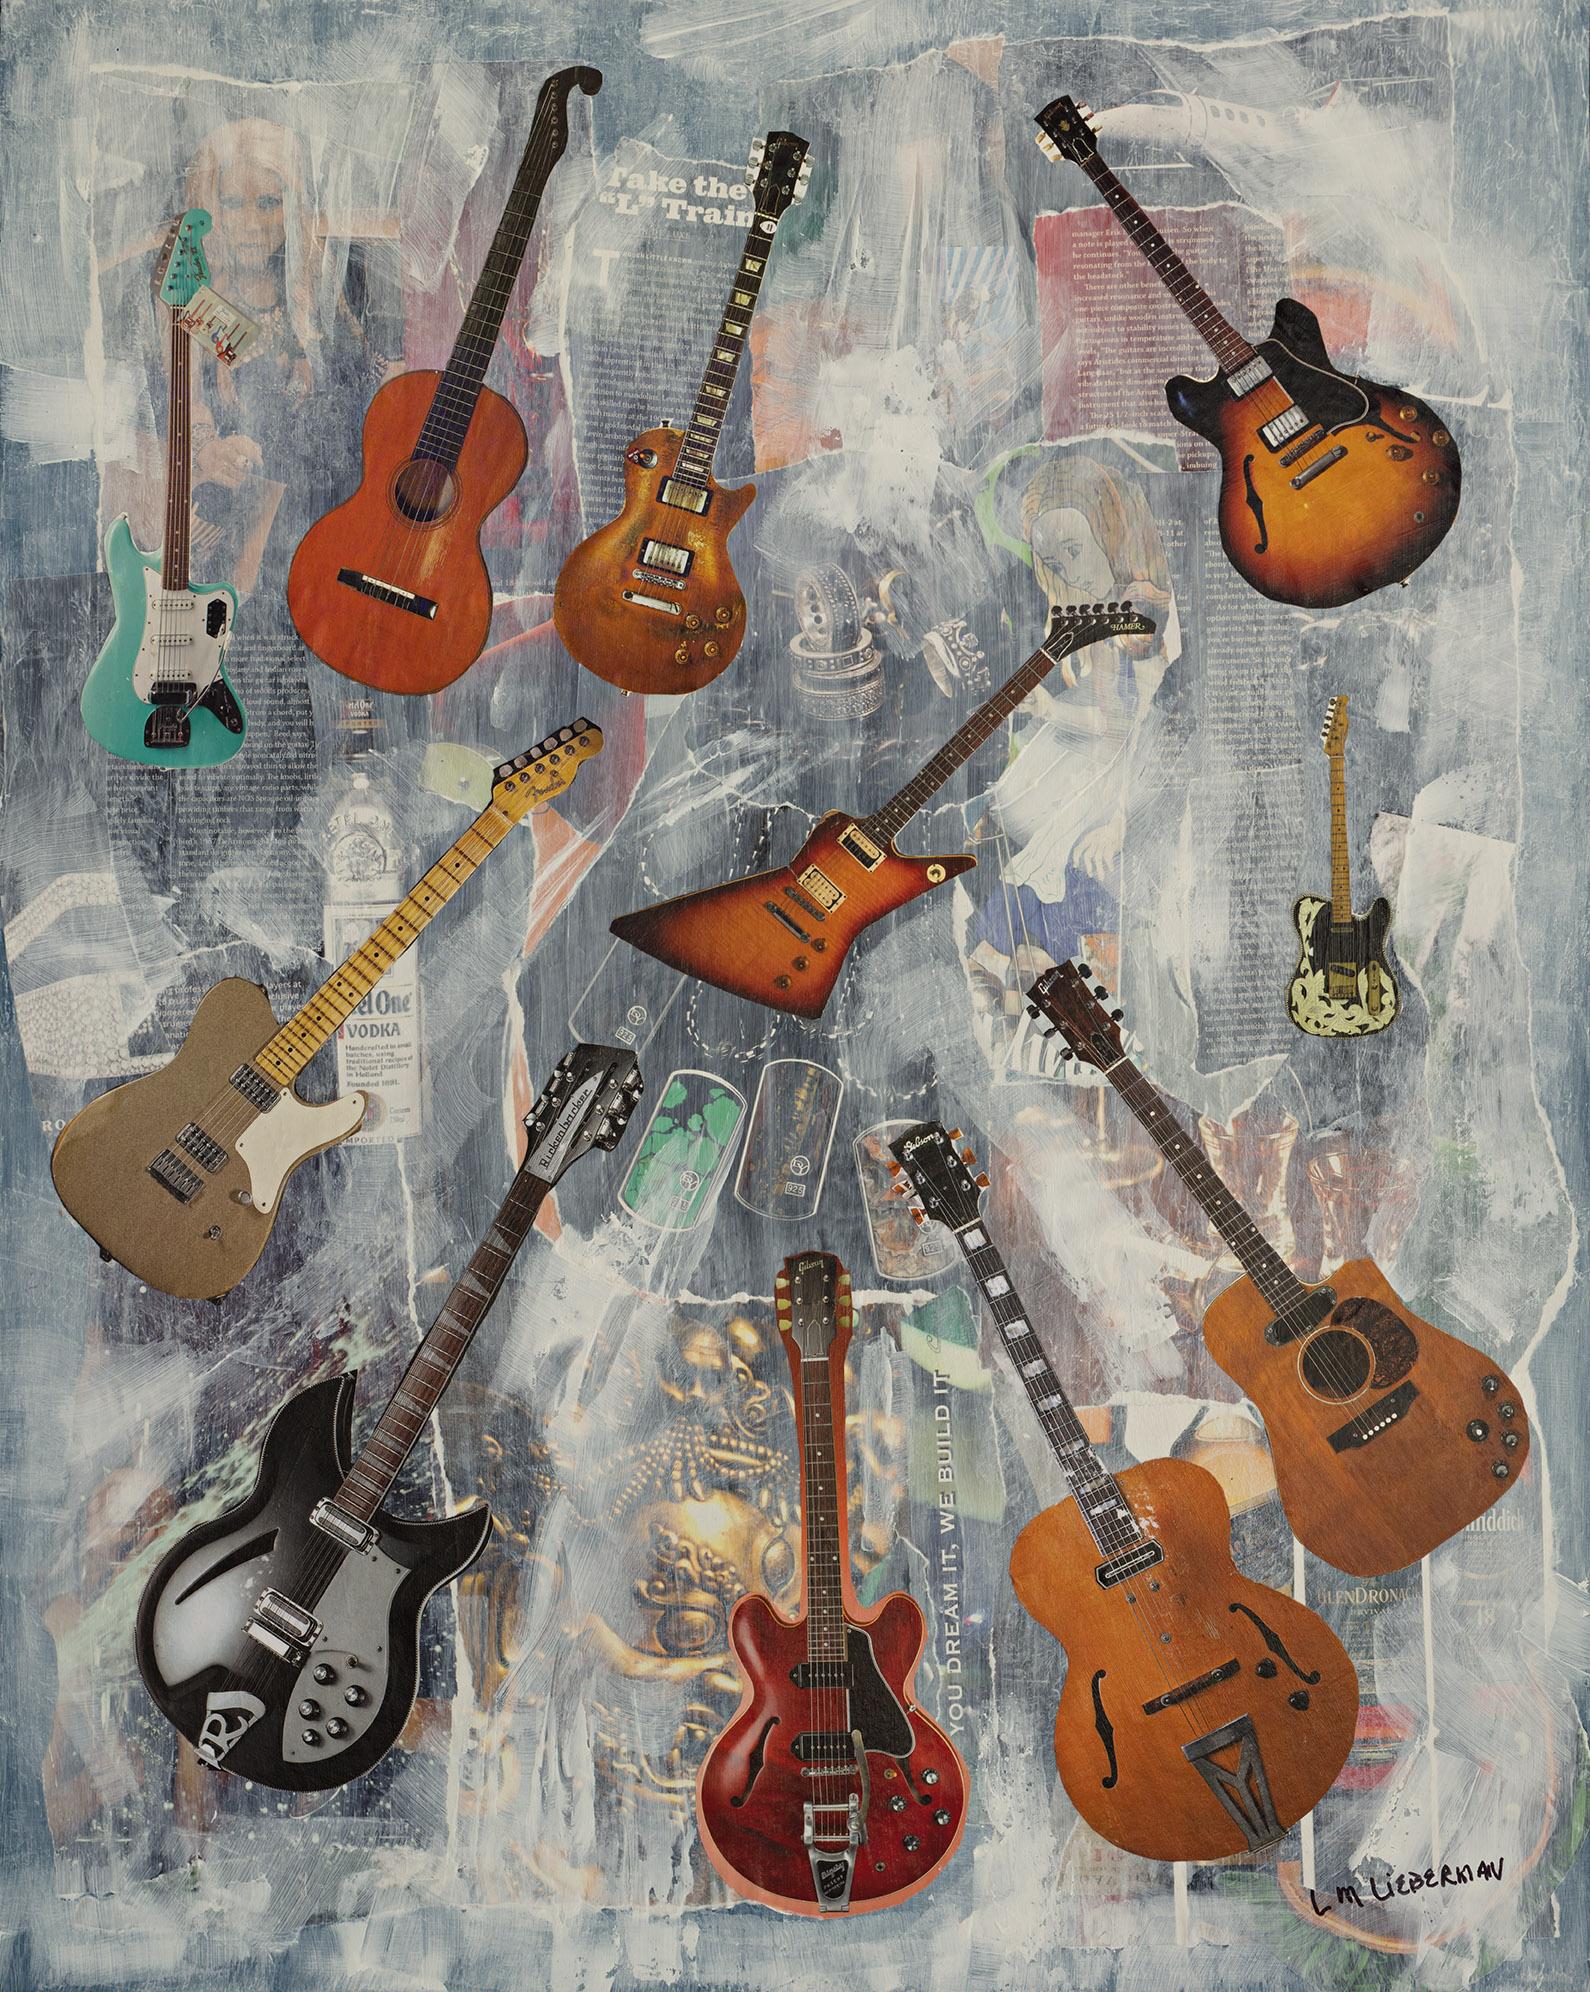 L. M. Lieberman, You Dream It, We Build it. Mixed Media Original Artwork